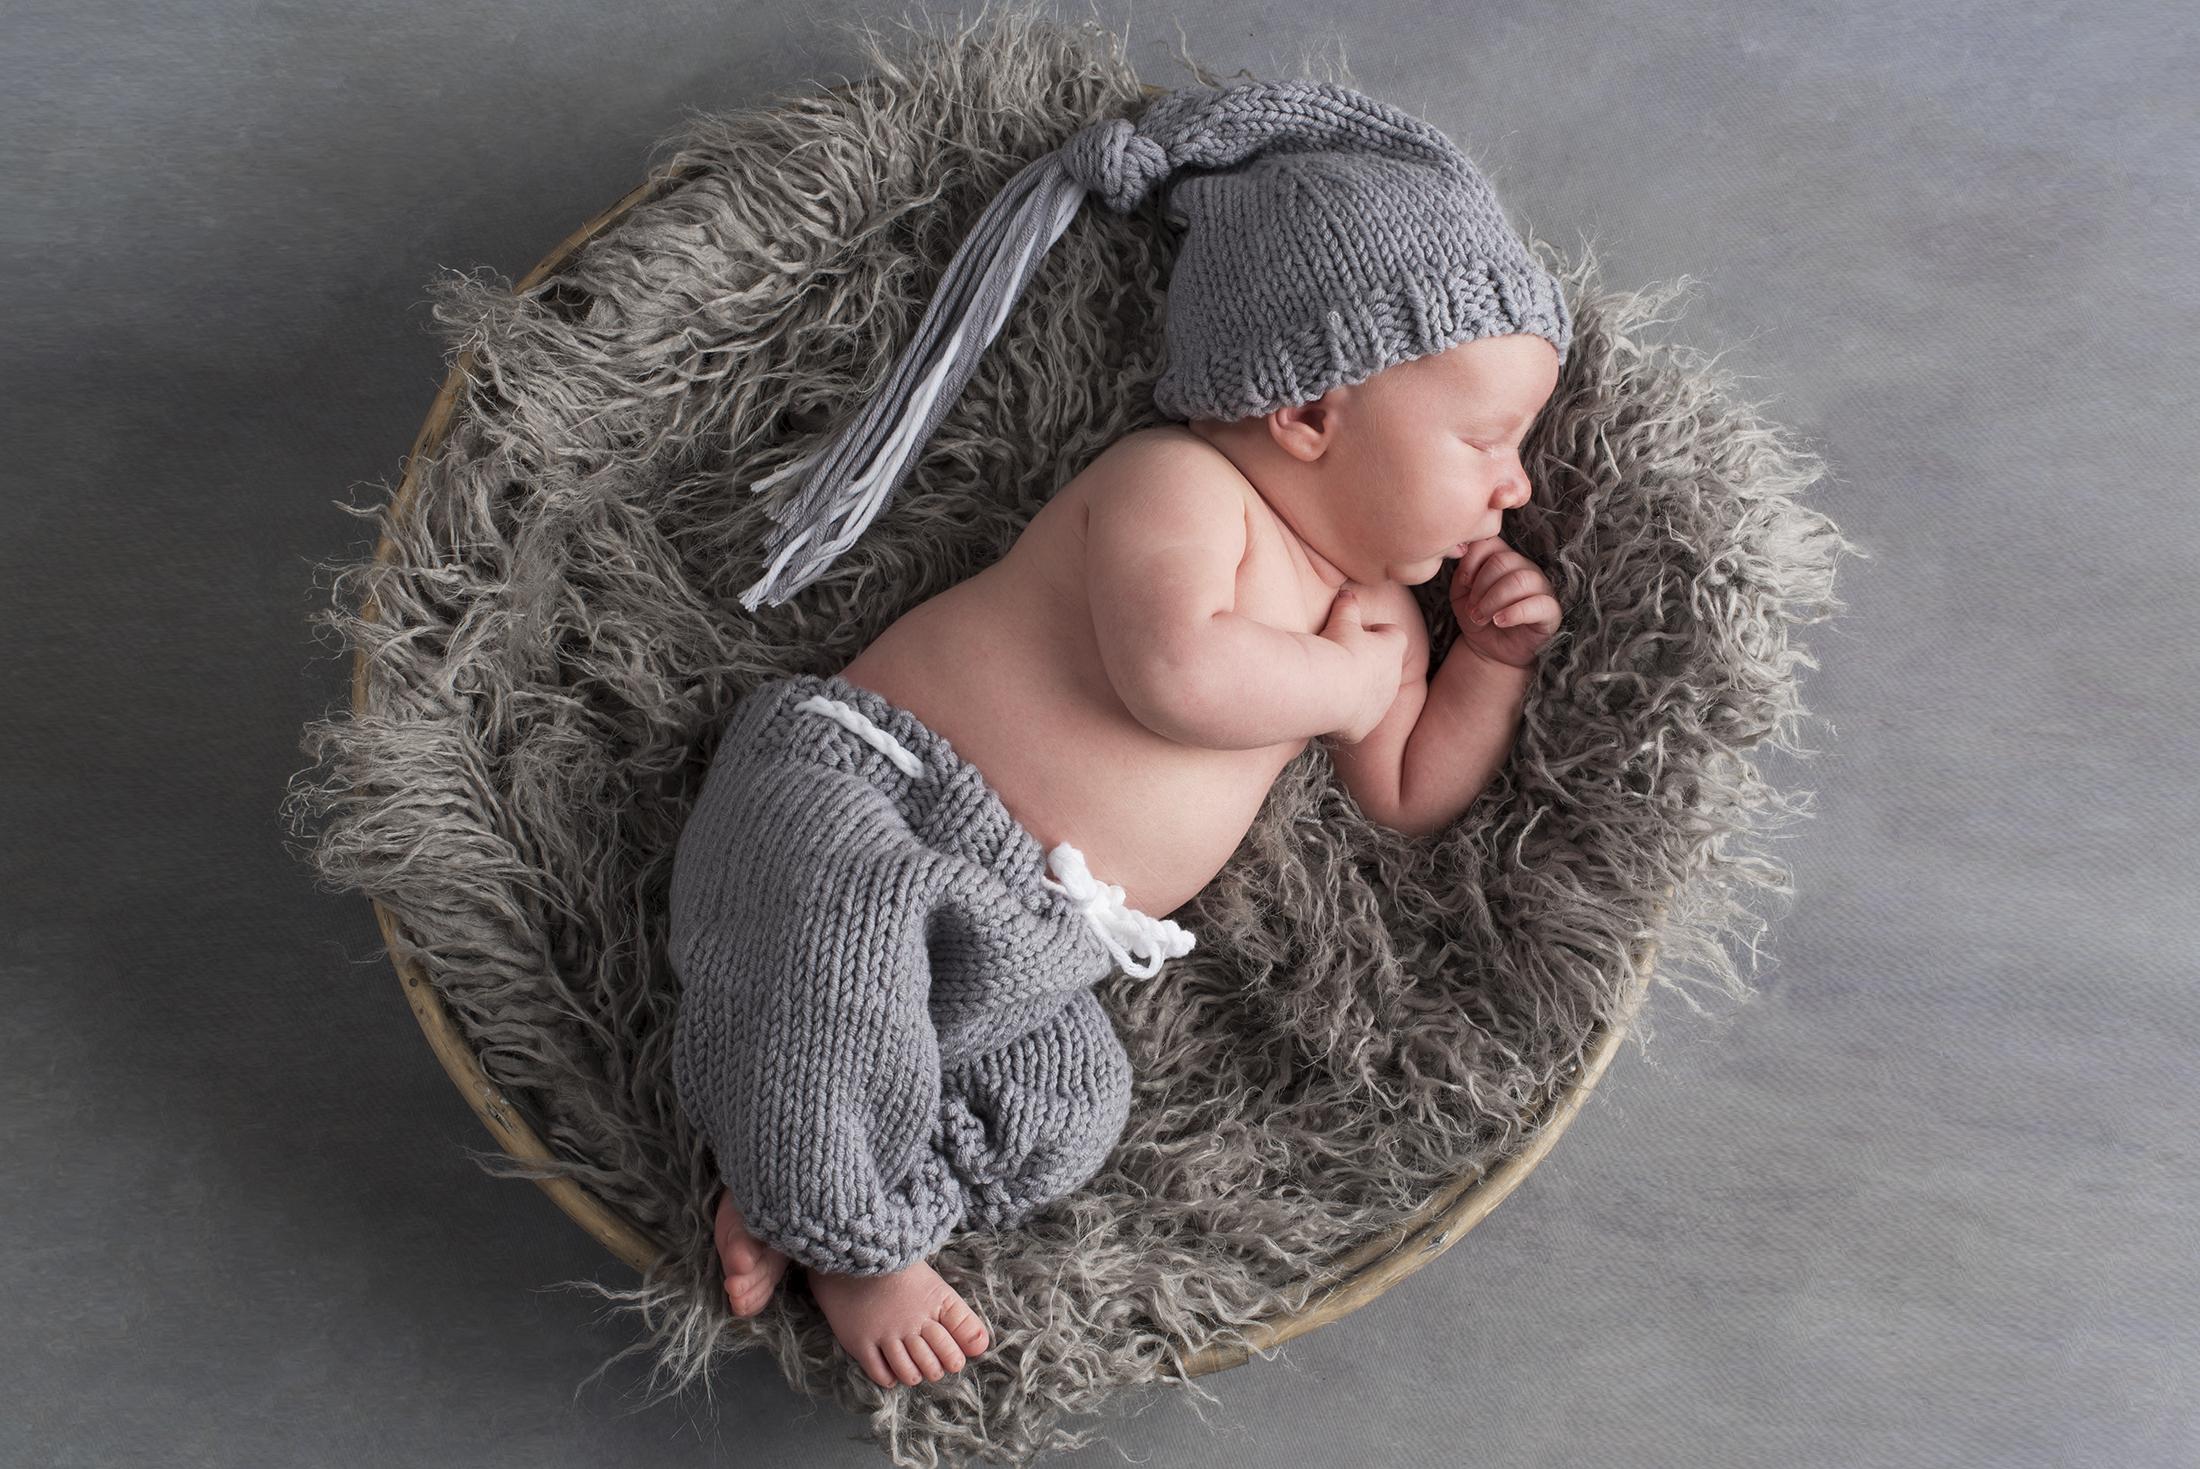 Newborn baby boy photos taken in Central Massachusetts.